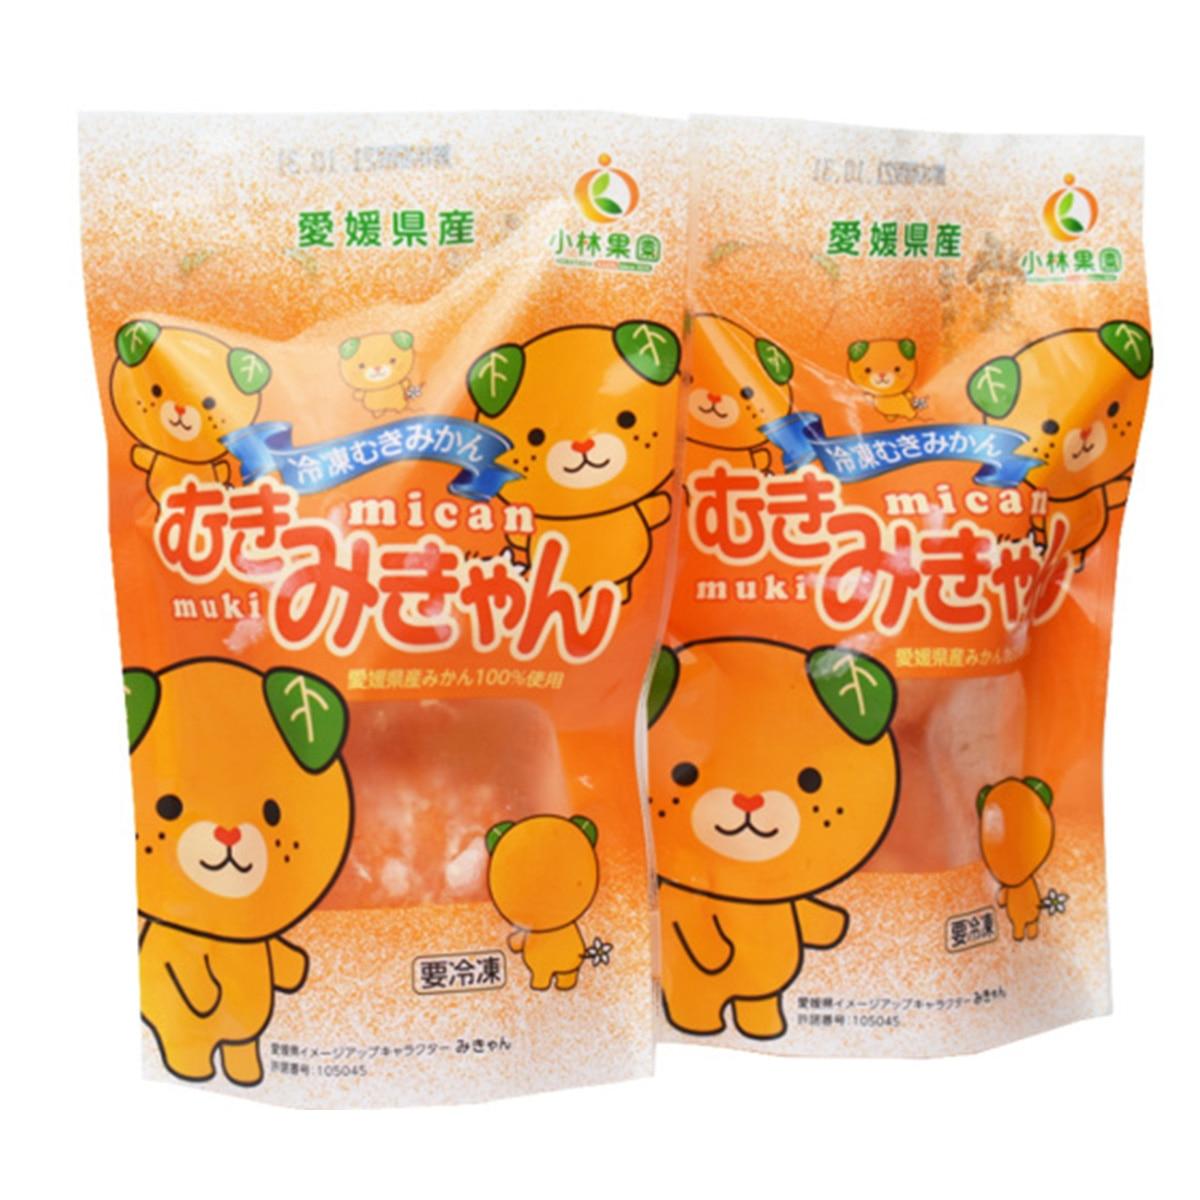 【送料無料】小林果園 むきみきゃん (冷凍むきみかん 2個入り×8袋)